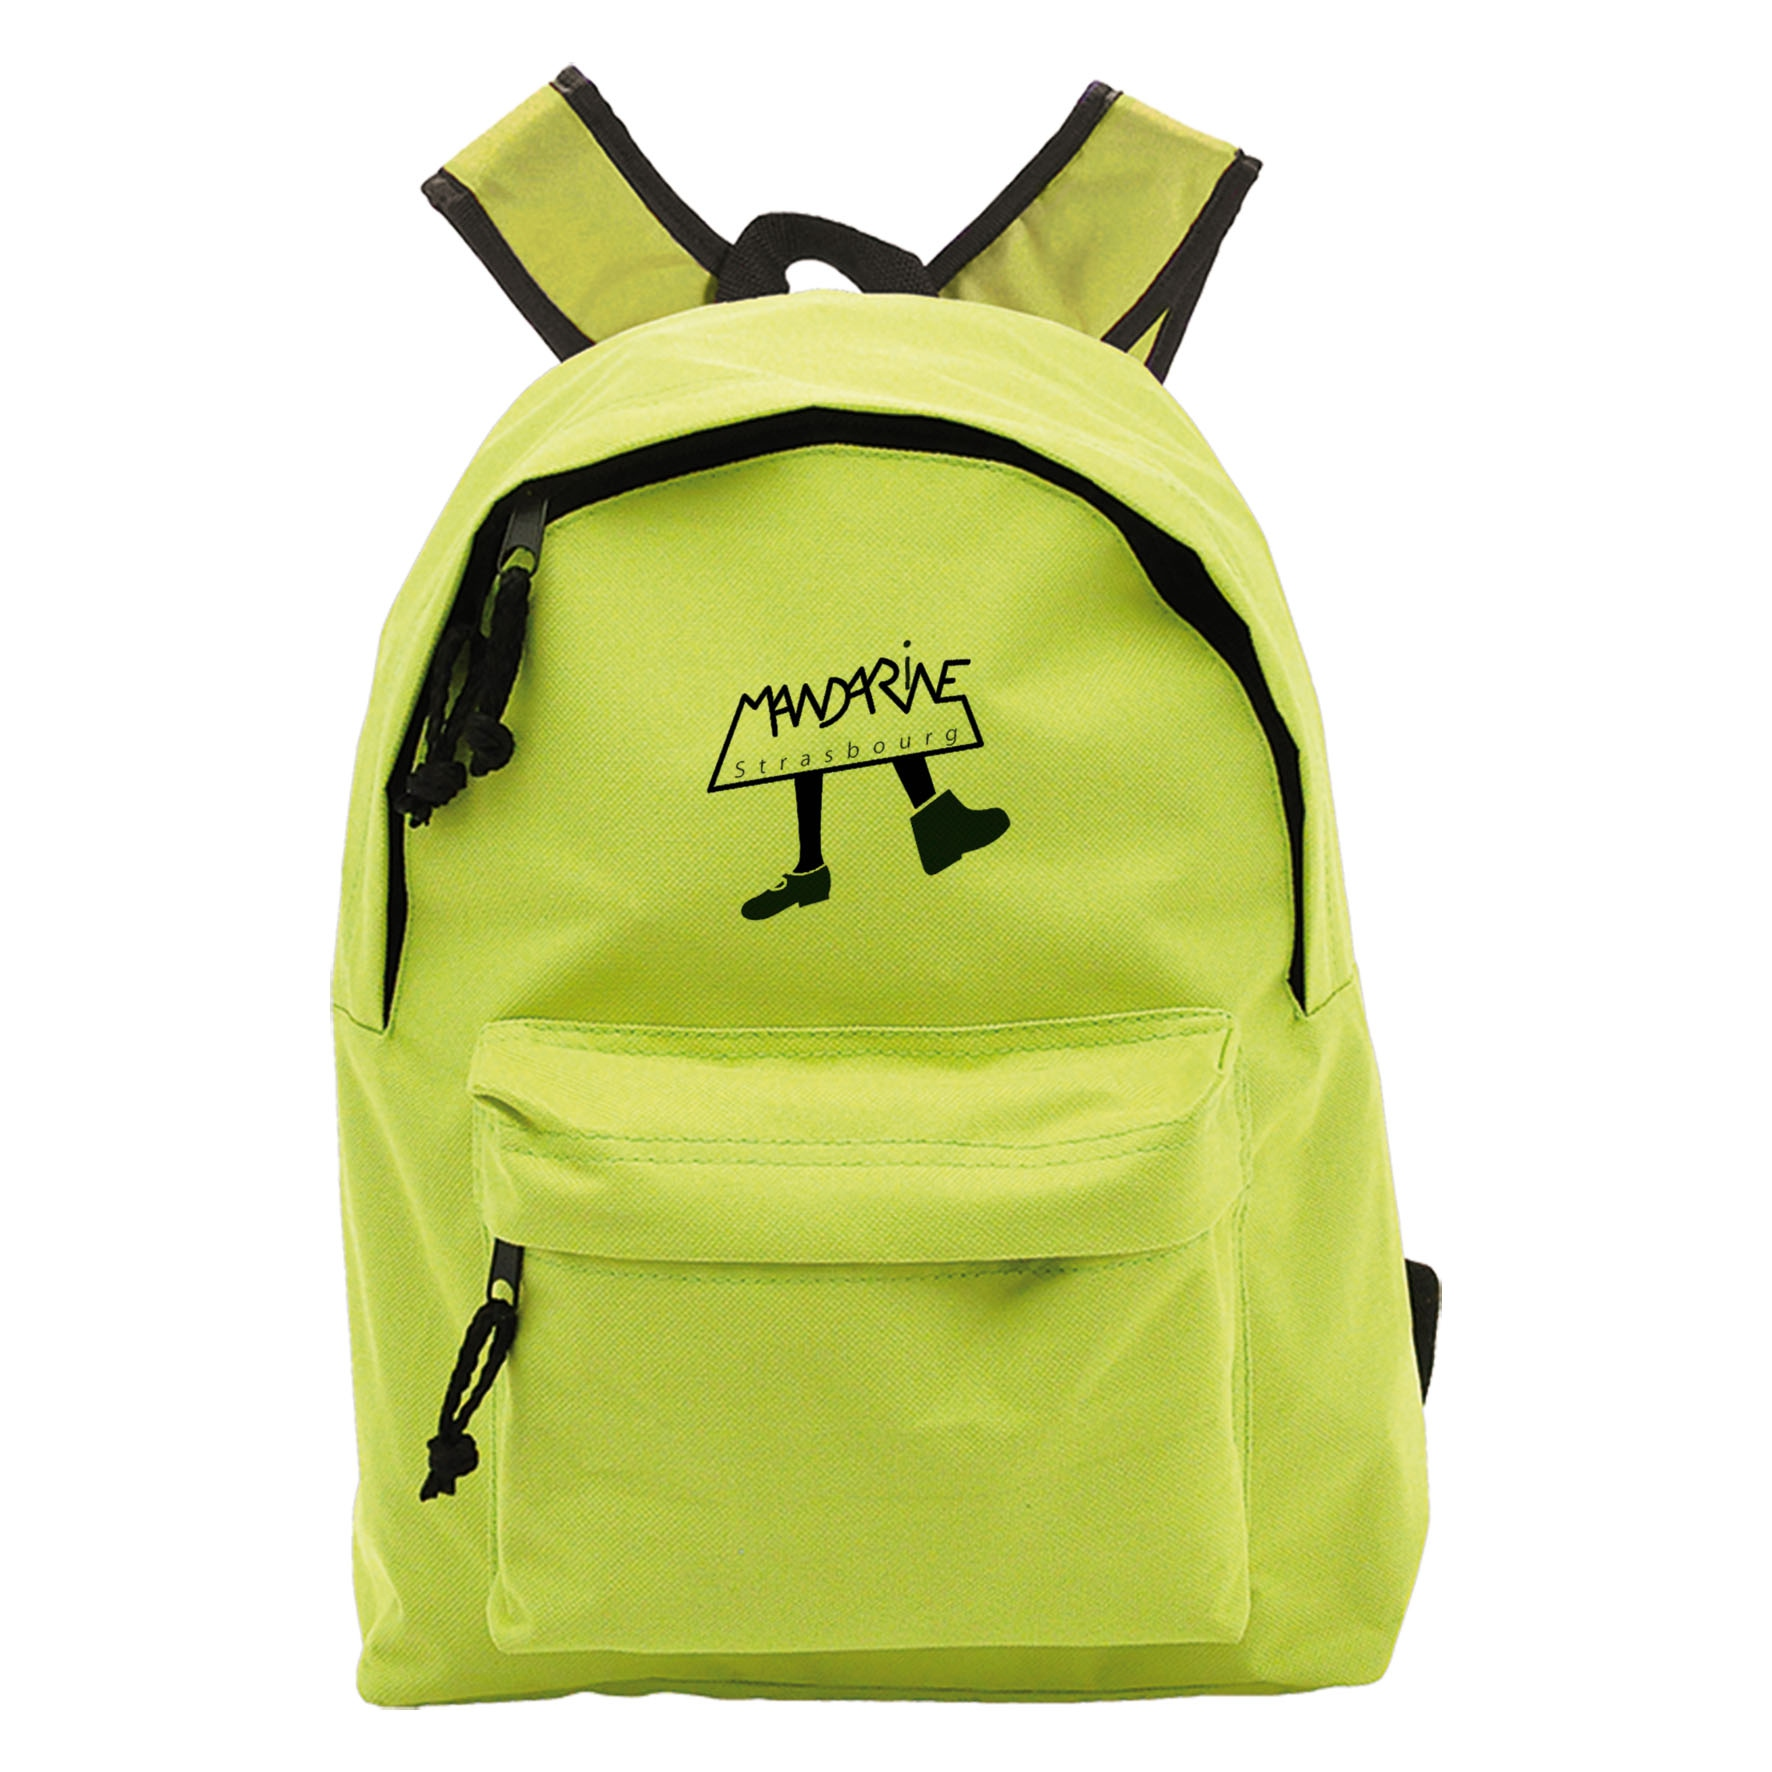 Petit sac à dos publicitaire Coloré - sac à dos personnalisable - vert citron